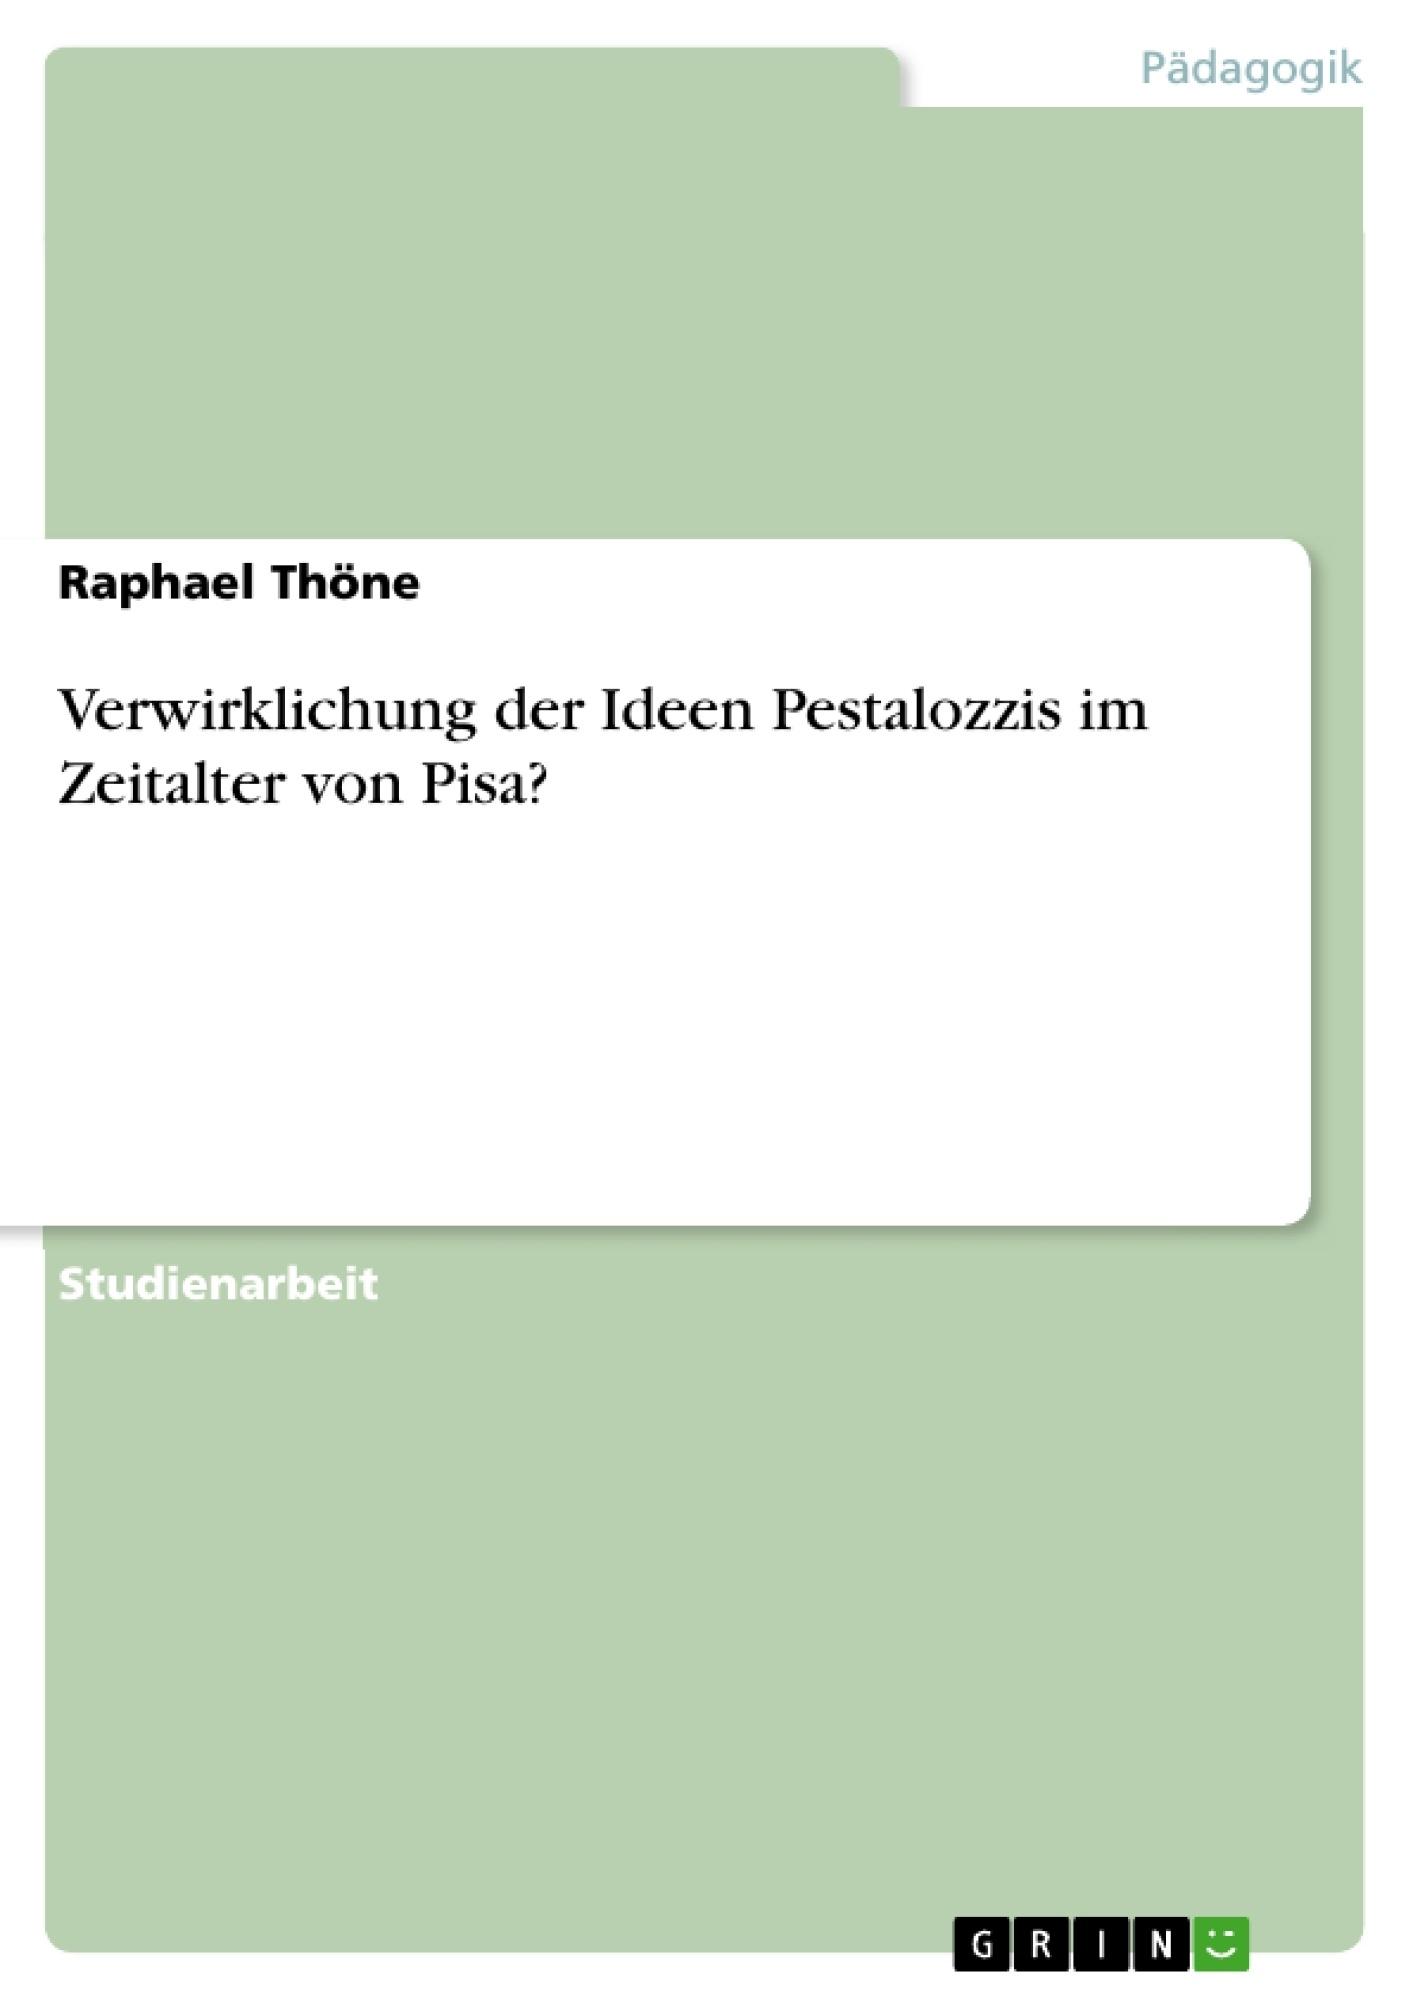 Titel: Verwirklichung der Ideen Pestalozzis im Zeitalter von Pisa?